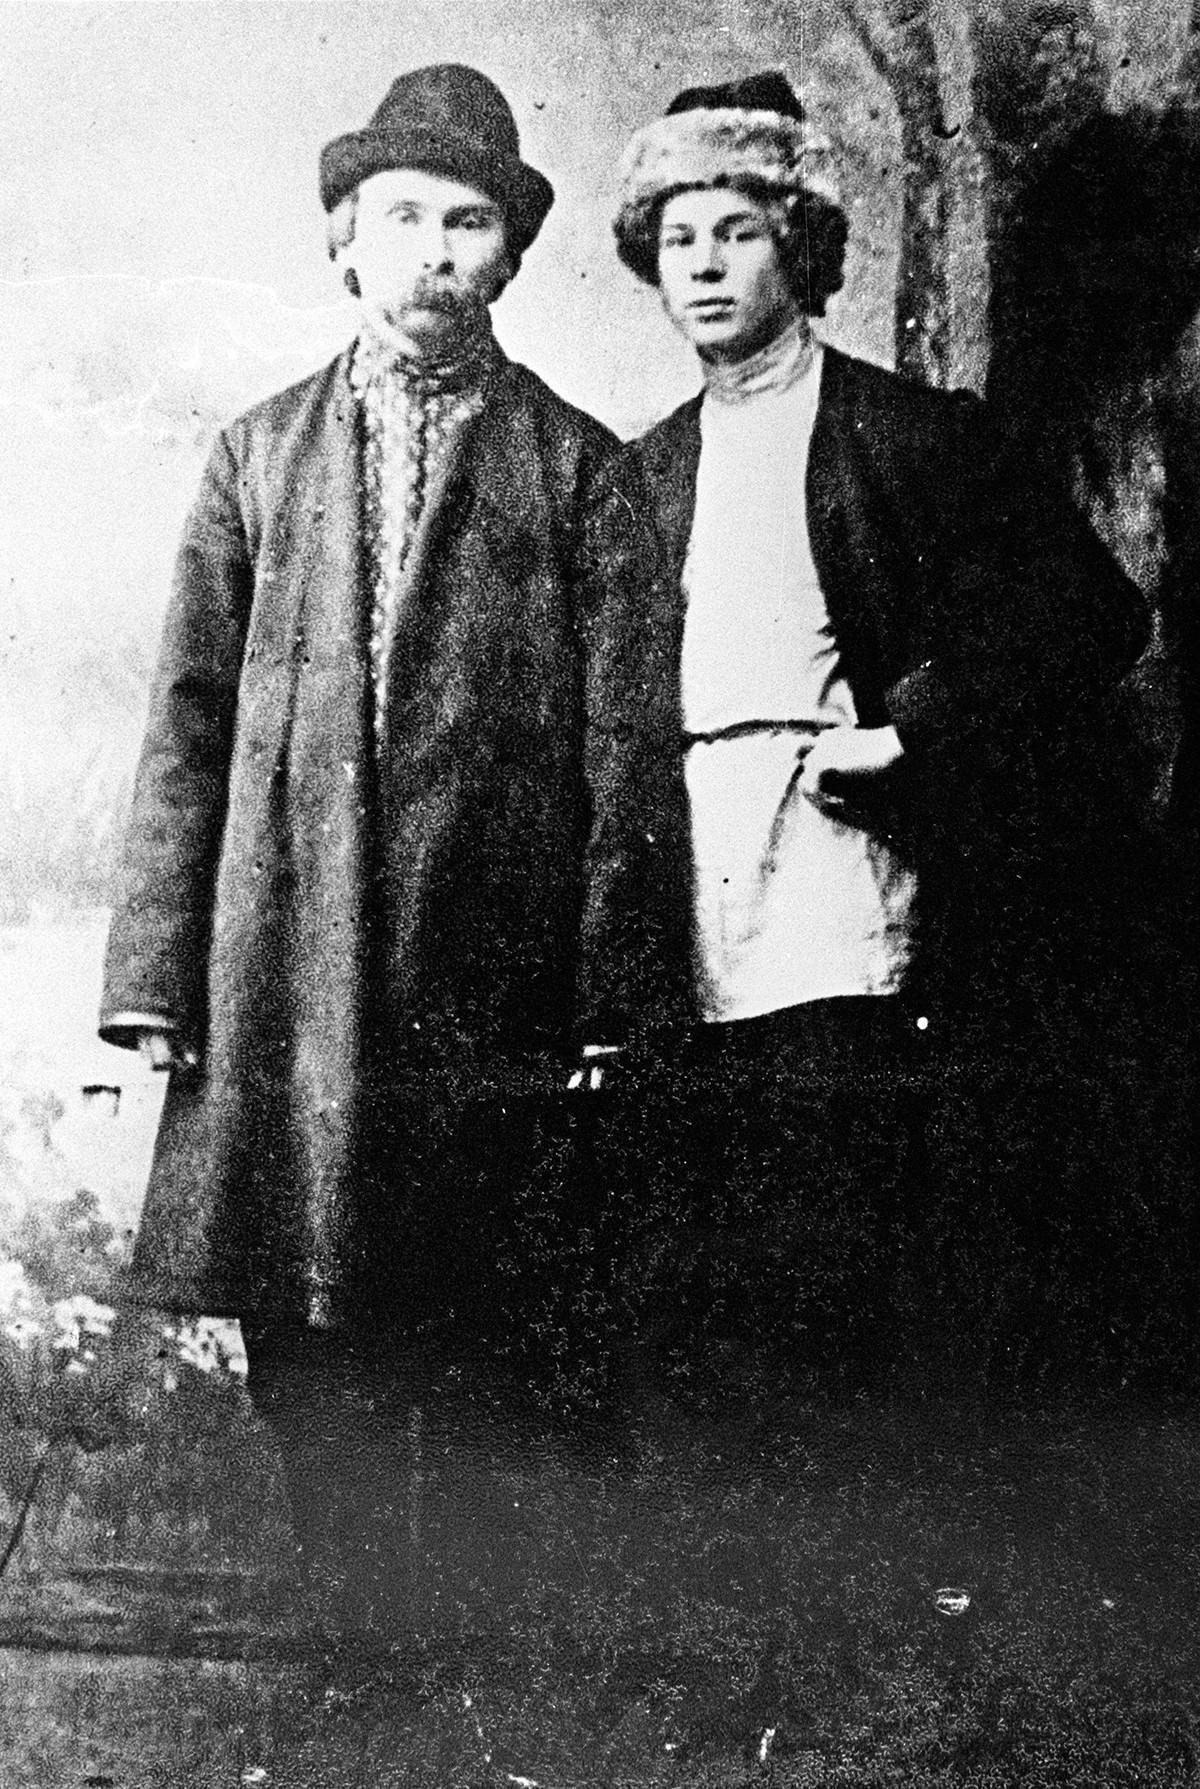 セルゲイ・エセーニン(右側)